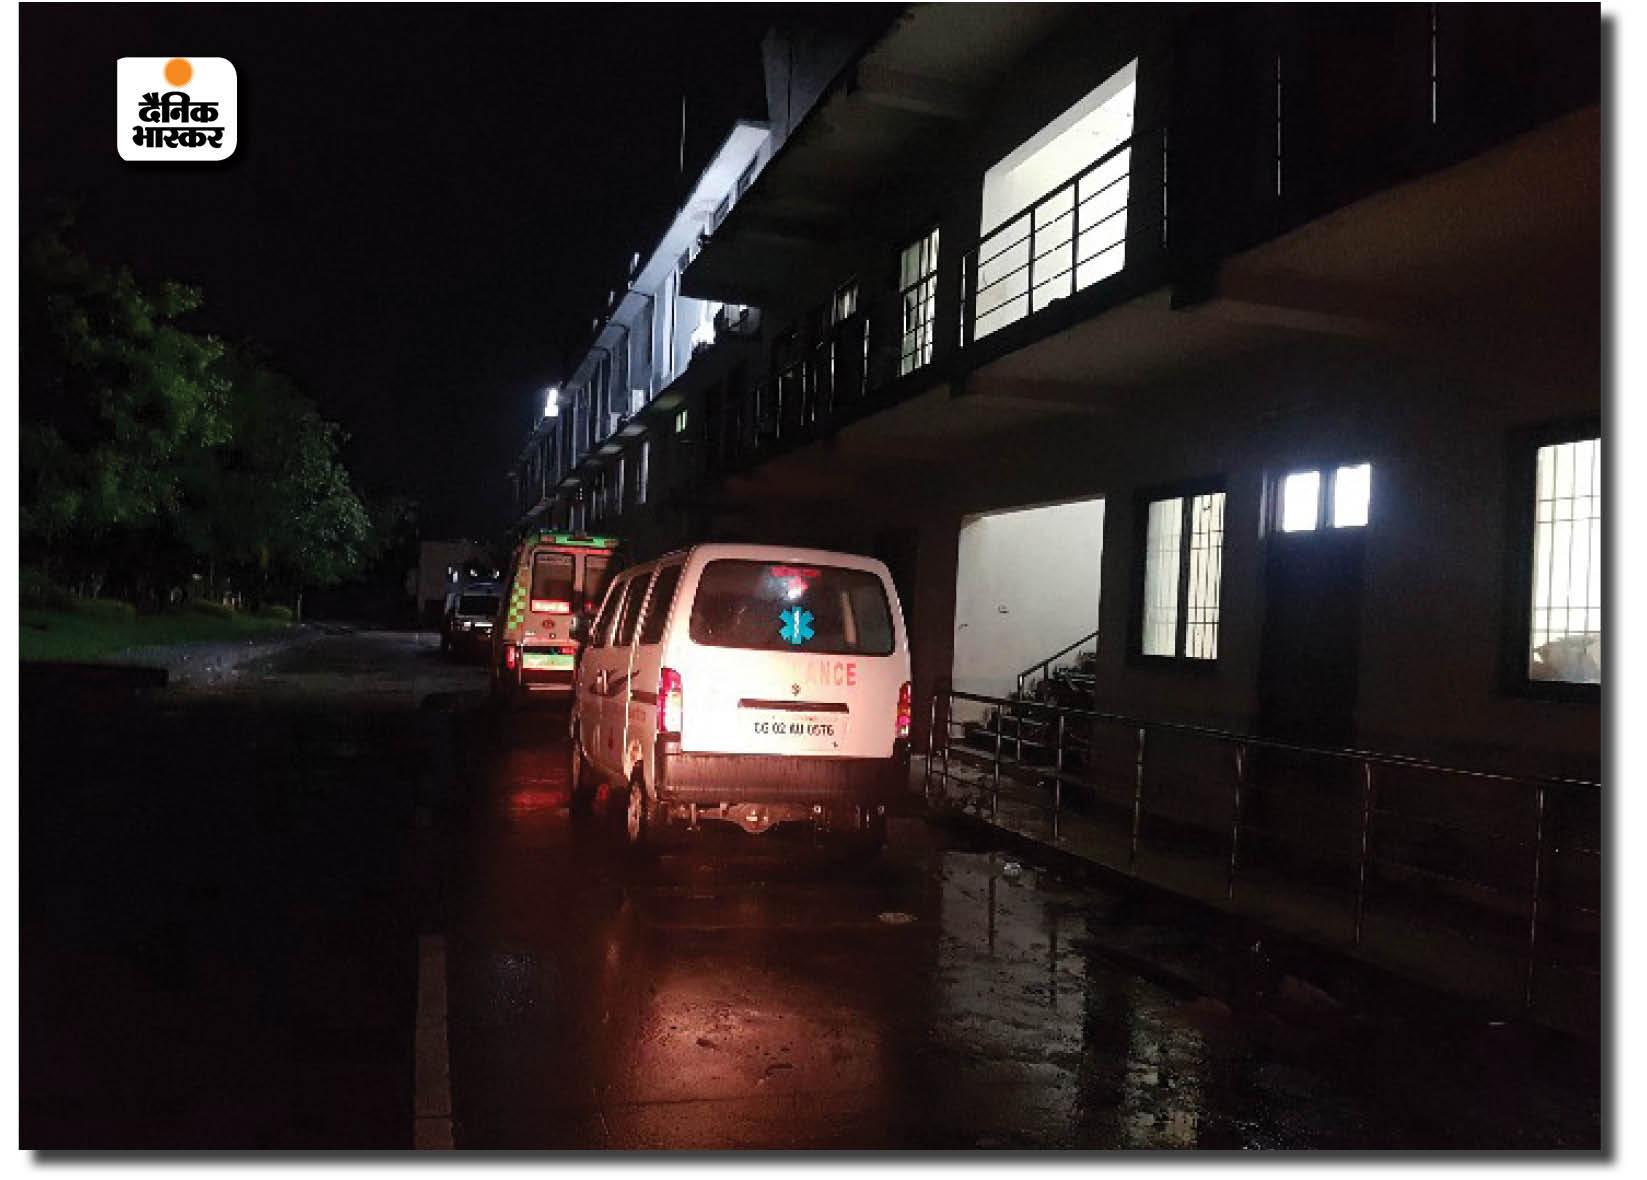 पंडरी में रायपुर जिला अस्पताल का कैम्पस, जहां रात में बच्चों की मौत के बाद हंगामा हुआ।